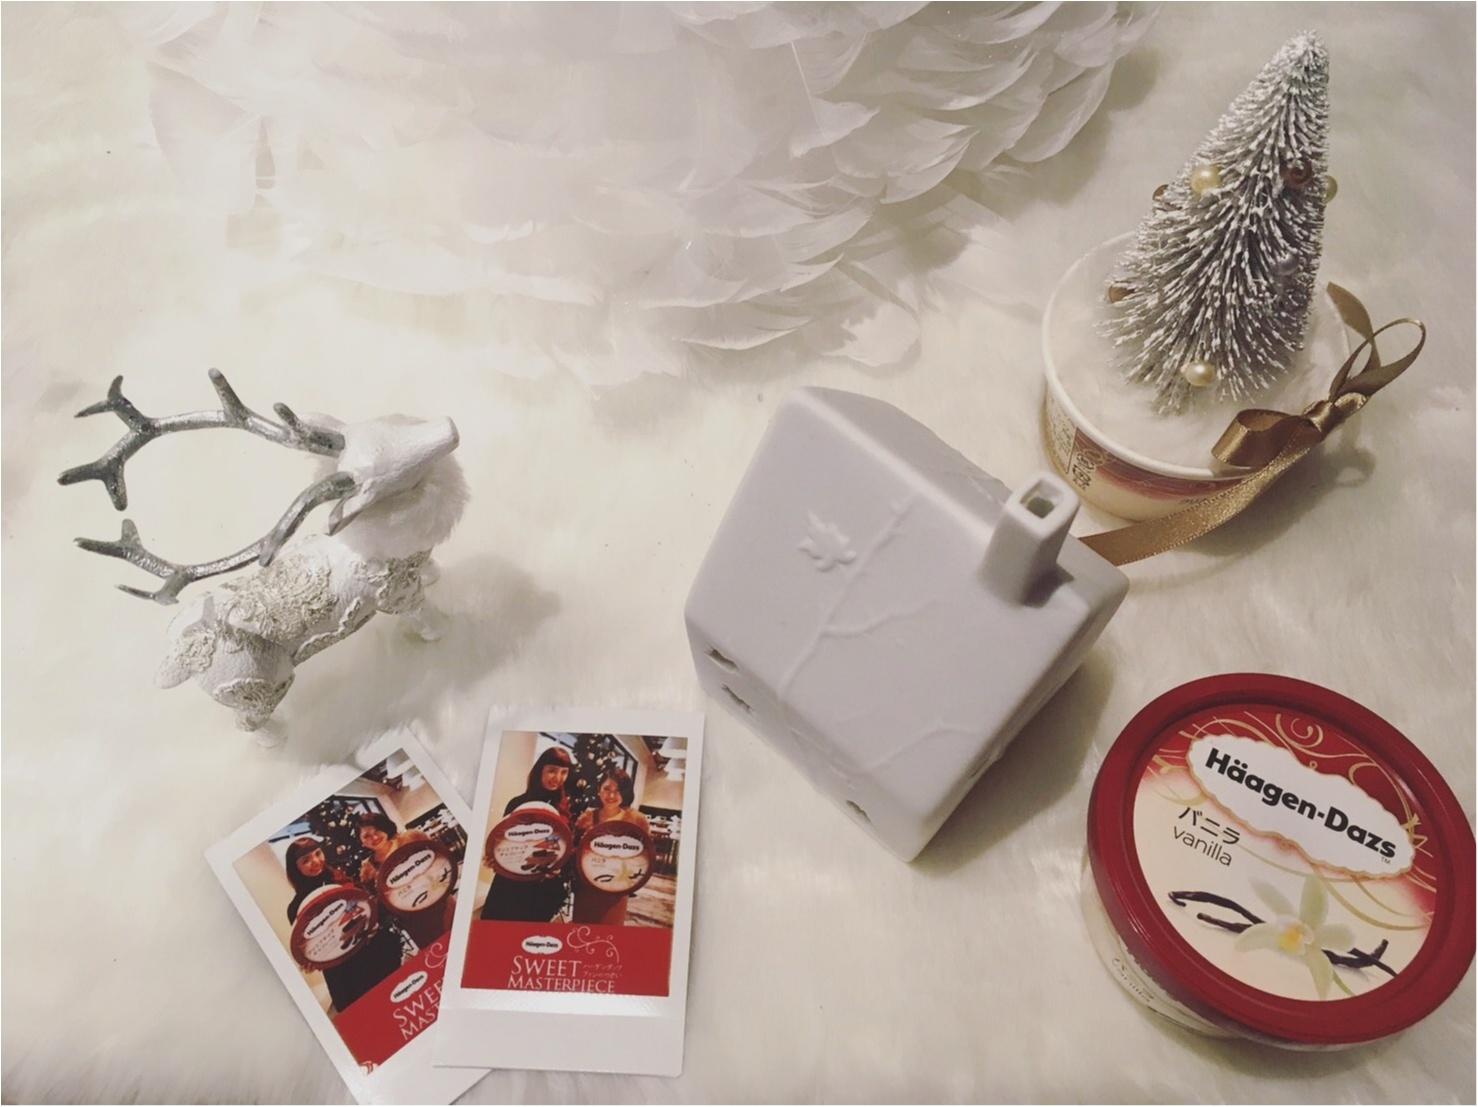 【イベントレポ】12/5発売の新商品も食べられちゃった!素敵すぎる「ハーゲンダッツクリスマスパーティー」_15